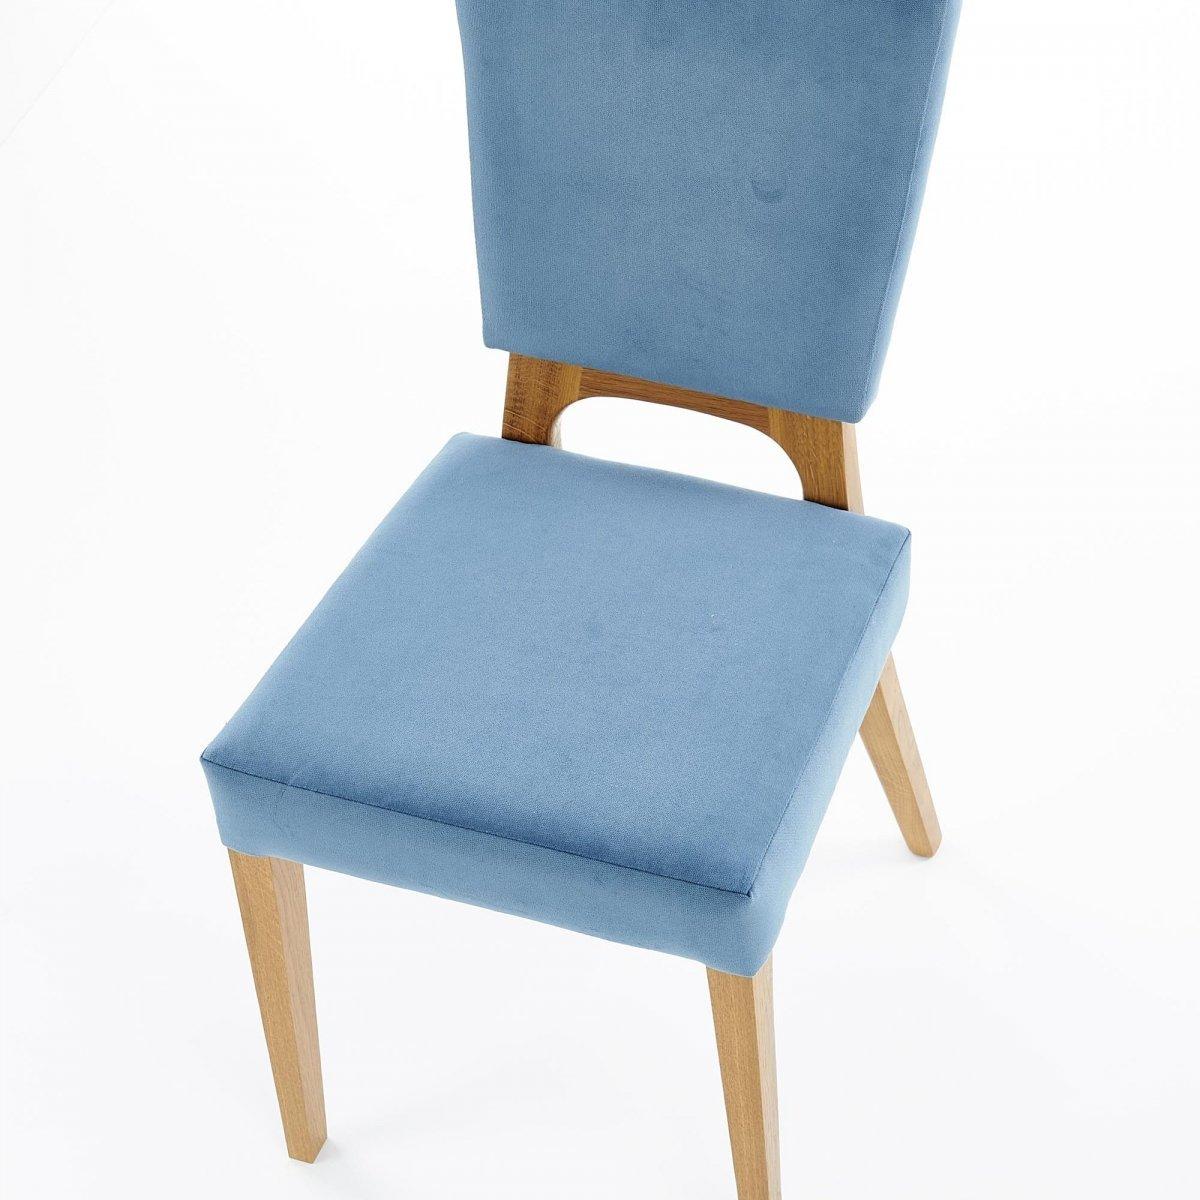 Krzesło WENANTY dąb miodowymorski | Sklep meblowy MOBLER